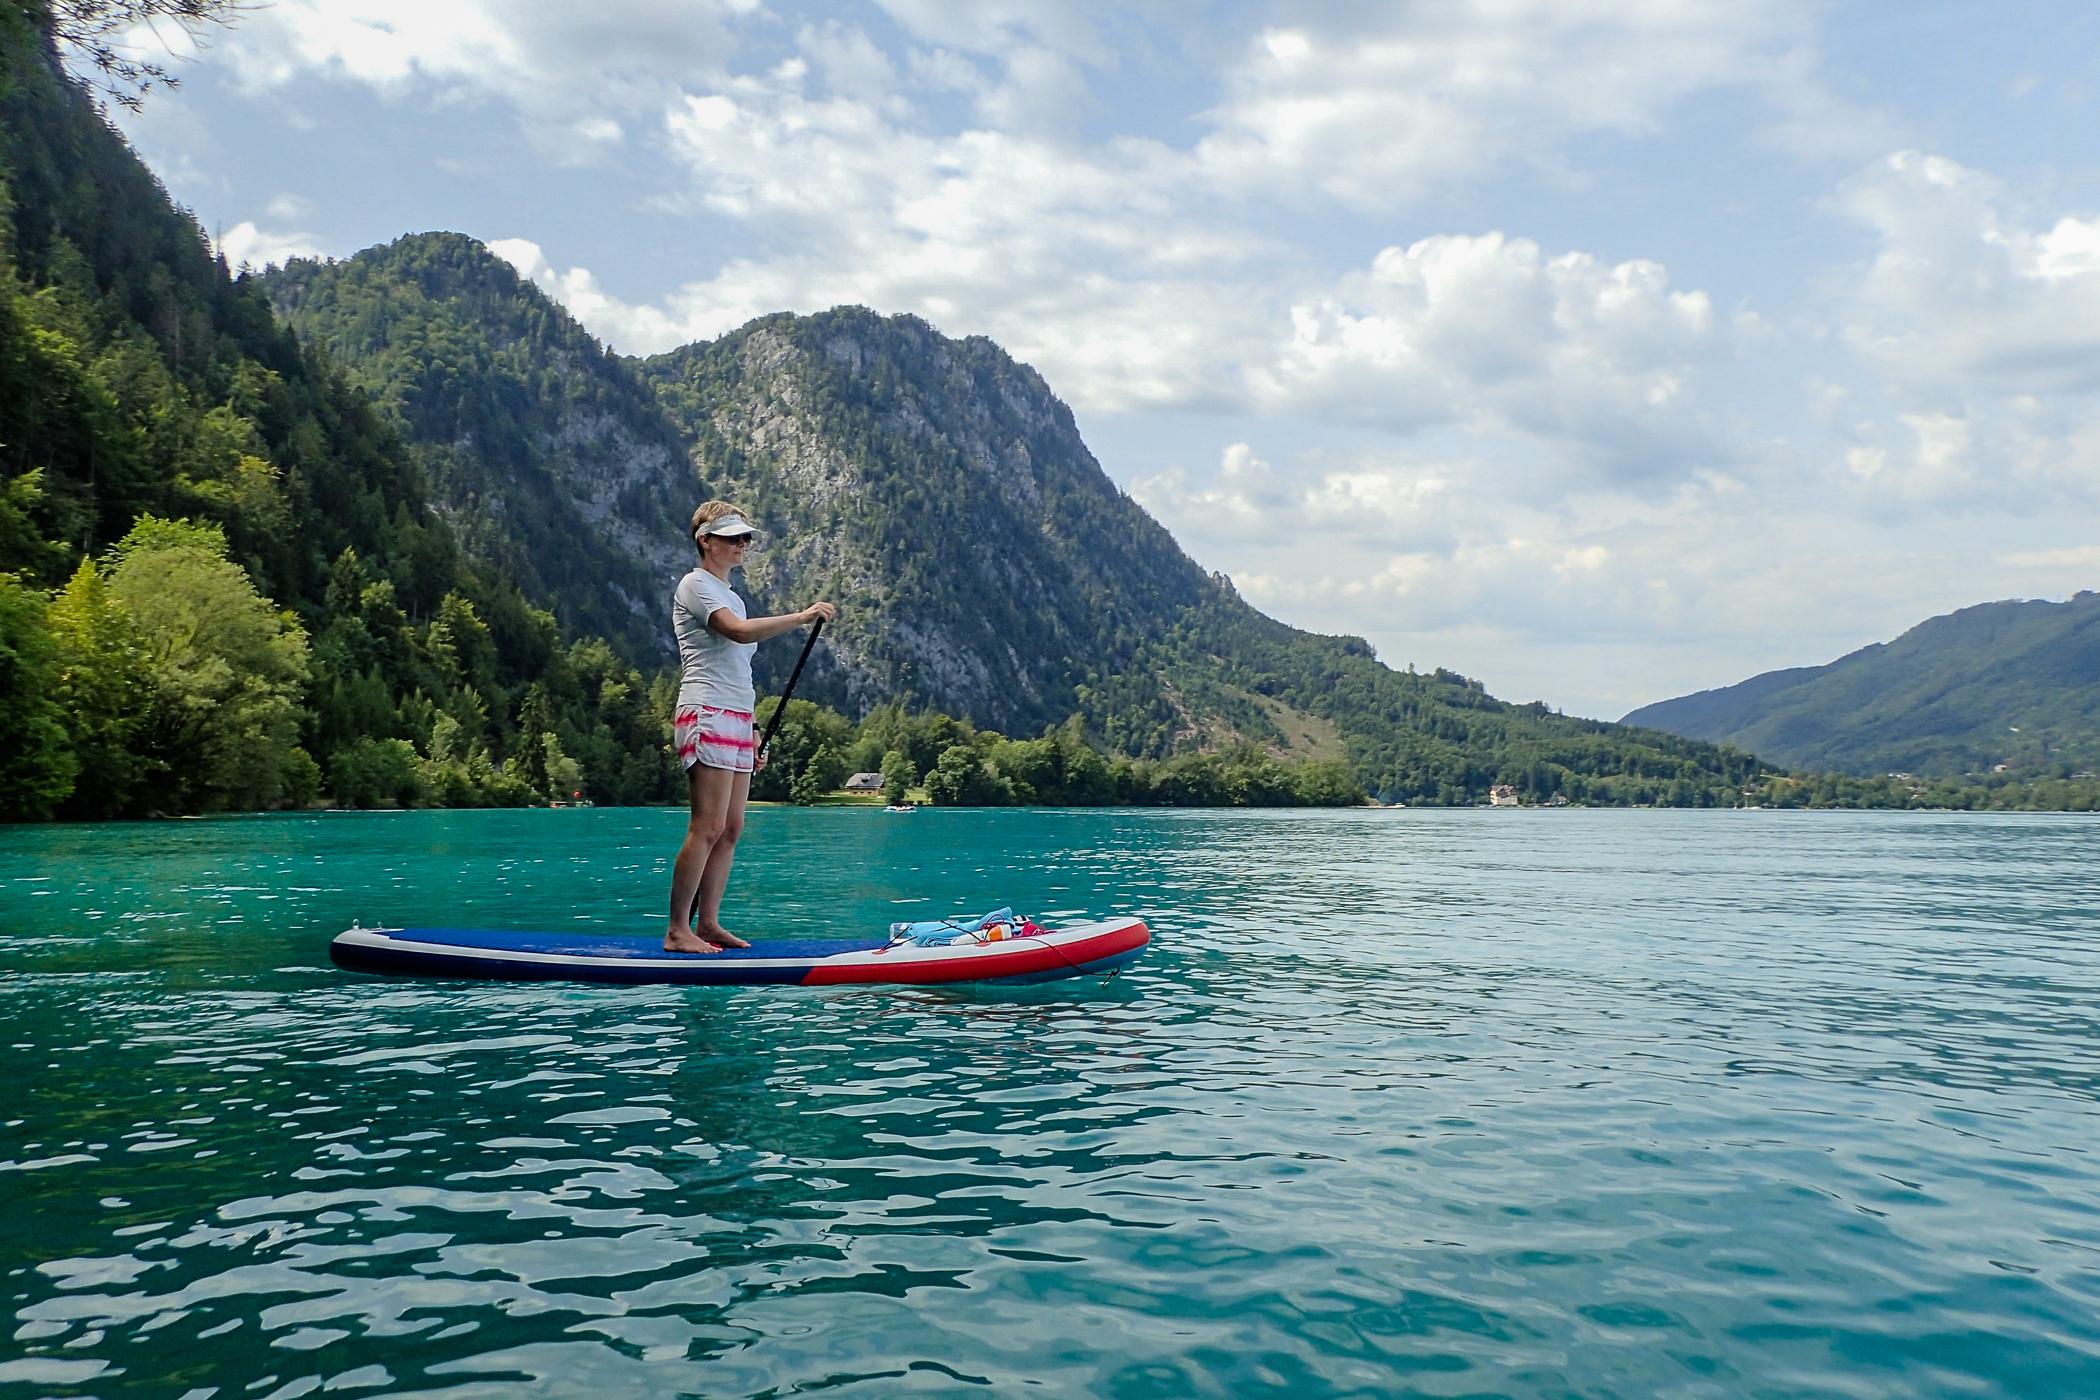 Bach hinauf nicht deinen paddle